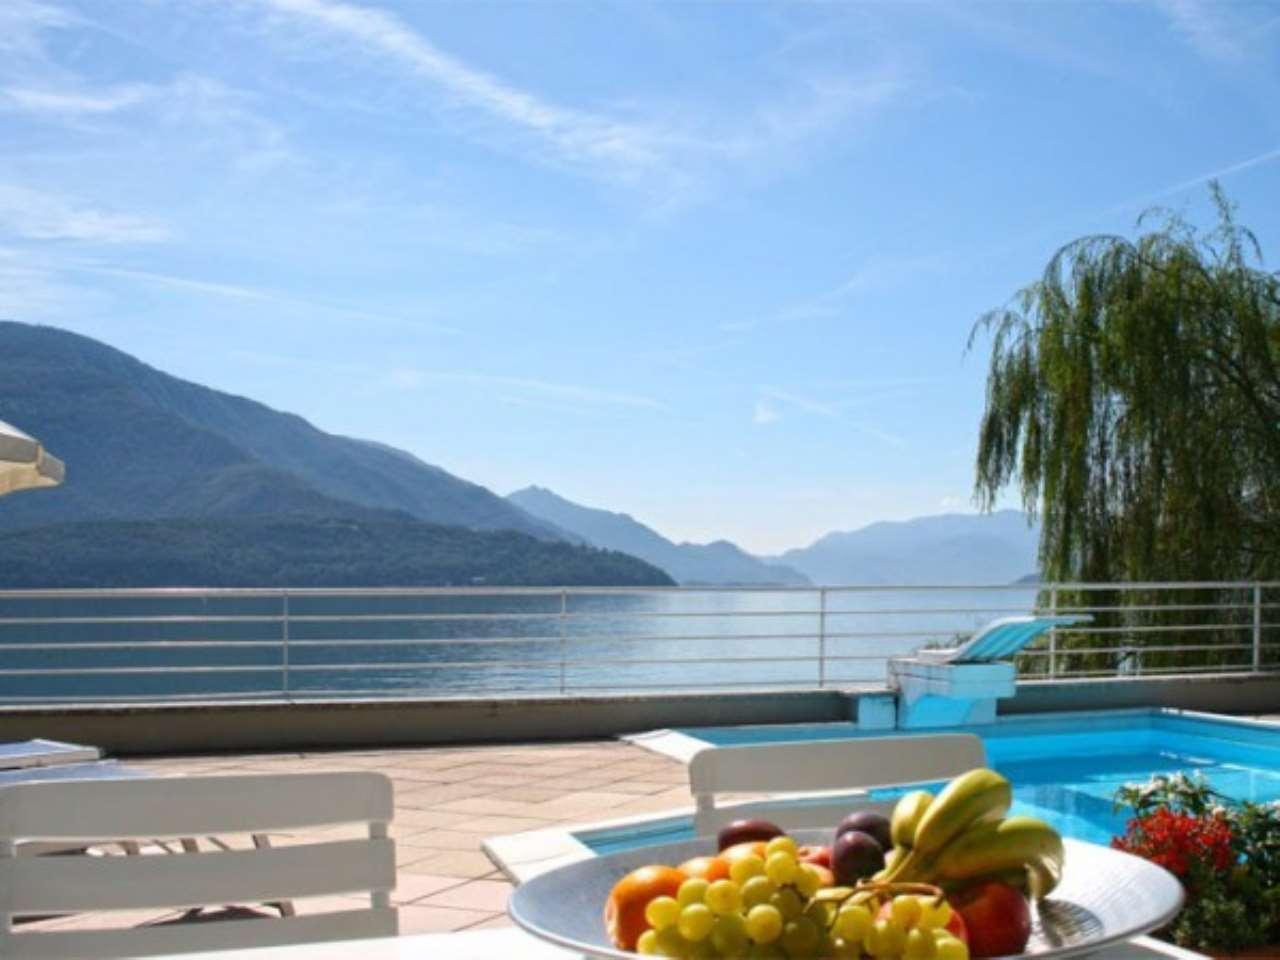 Villa in vendita a Gravedona ed Uniti, 4 locali, prezzo € 1.750.000 | CambioCasa.it